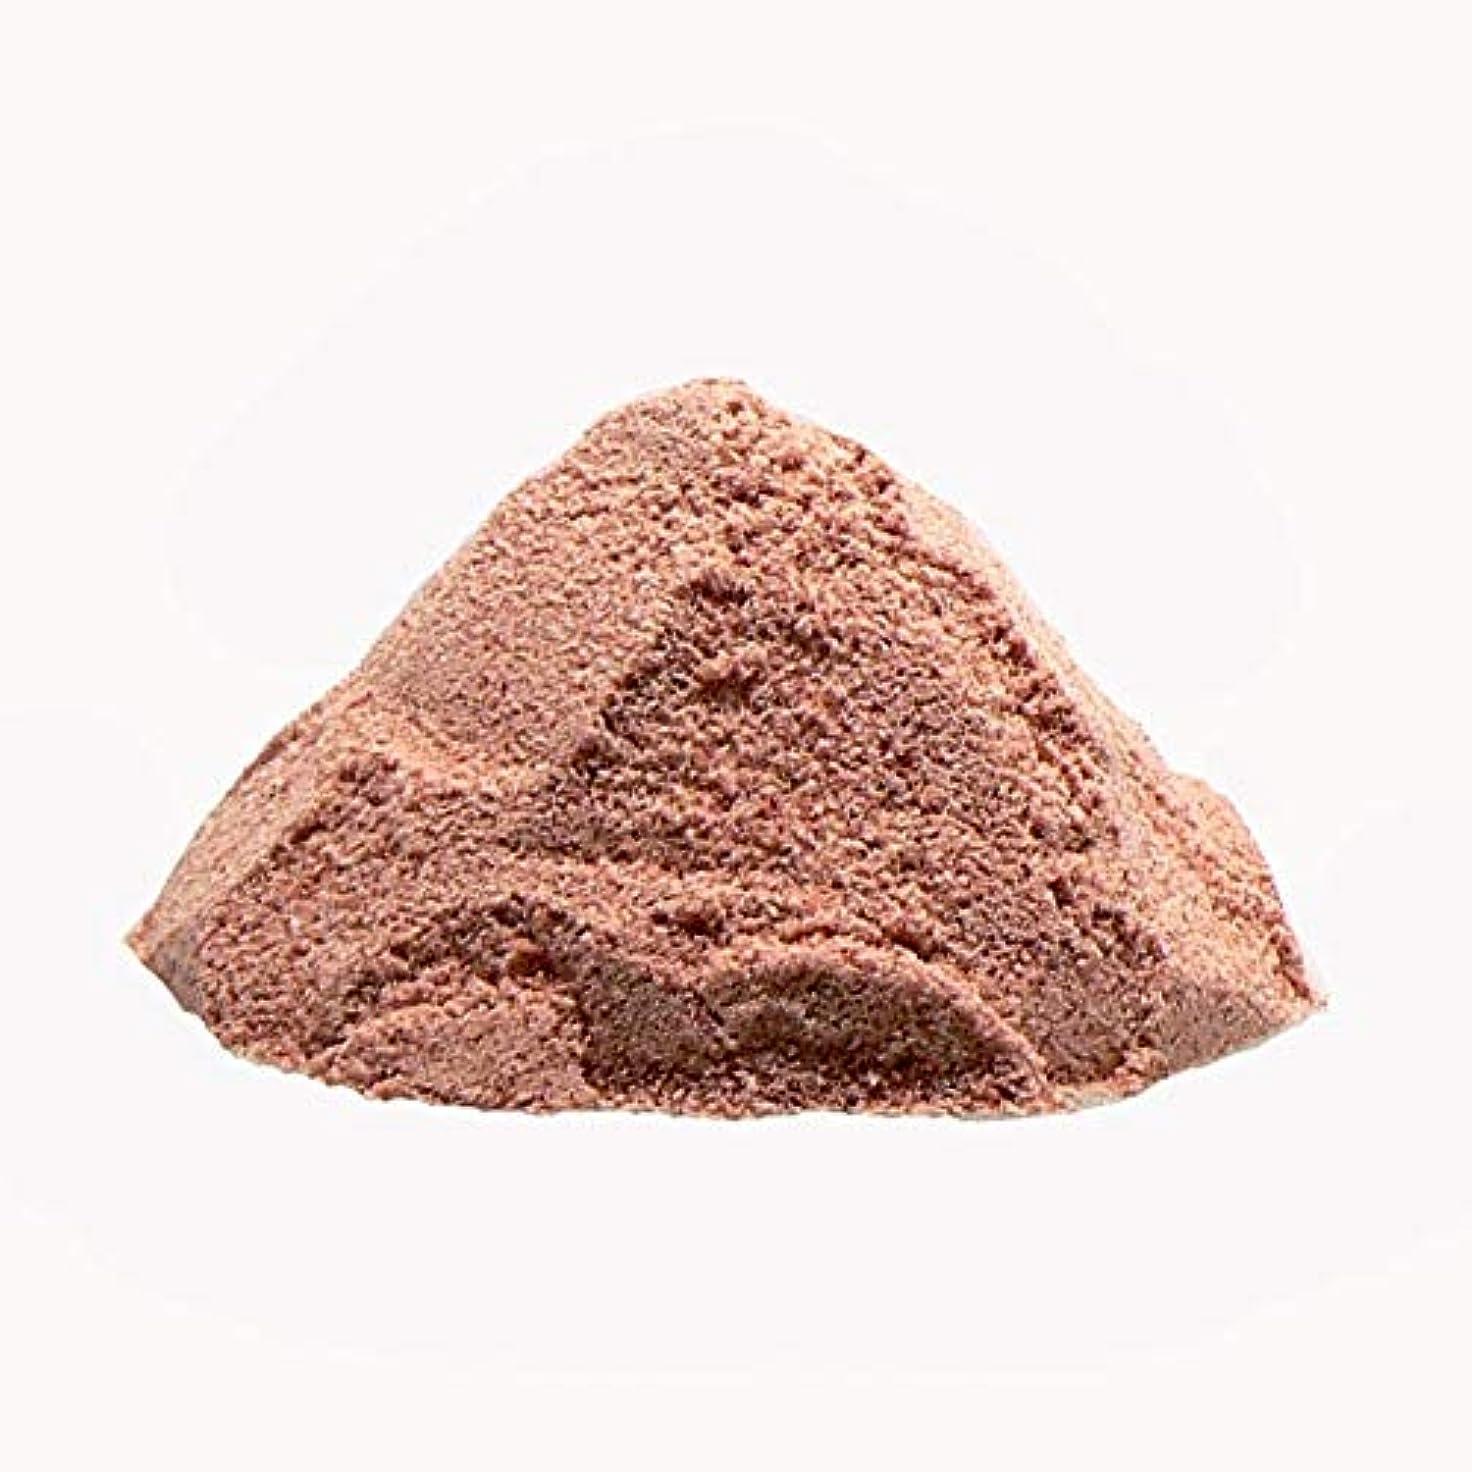 脅かす気体のウッズヒマラヤ岩塩 プレミアム ルビーソルト バスソルト(パウダー)ネパール産 ルビー岩塩 (600g×2個セット)